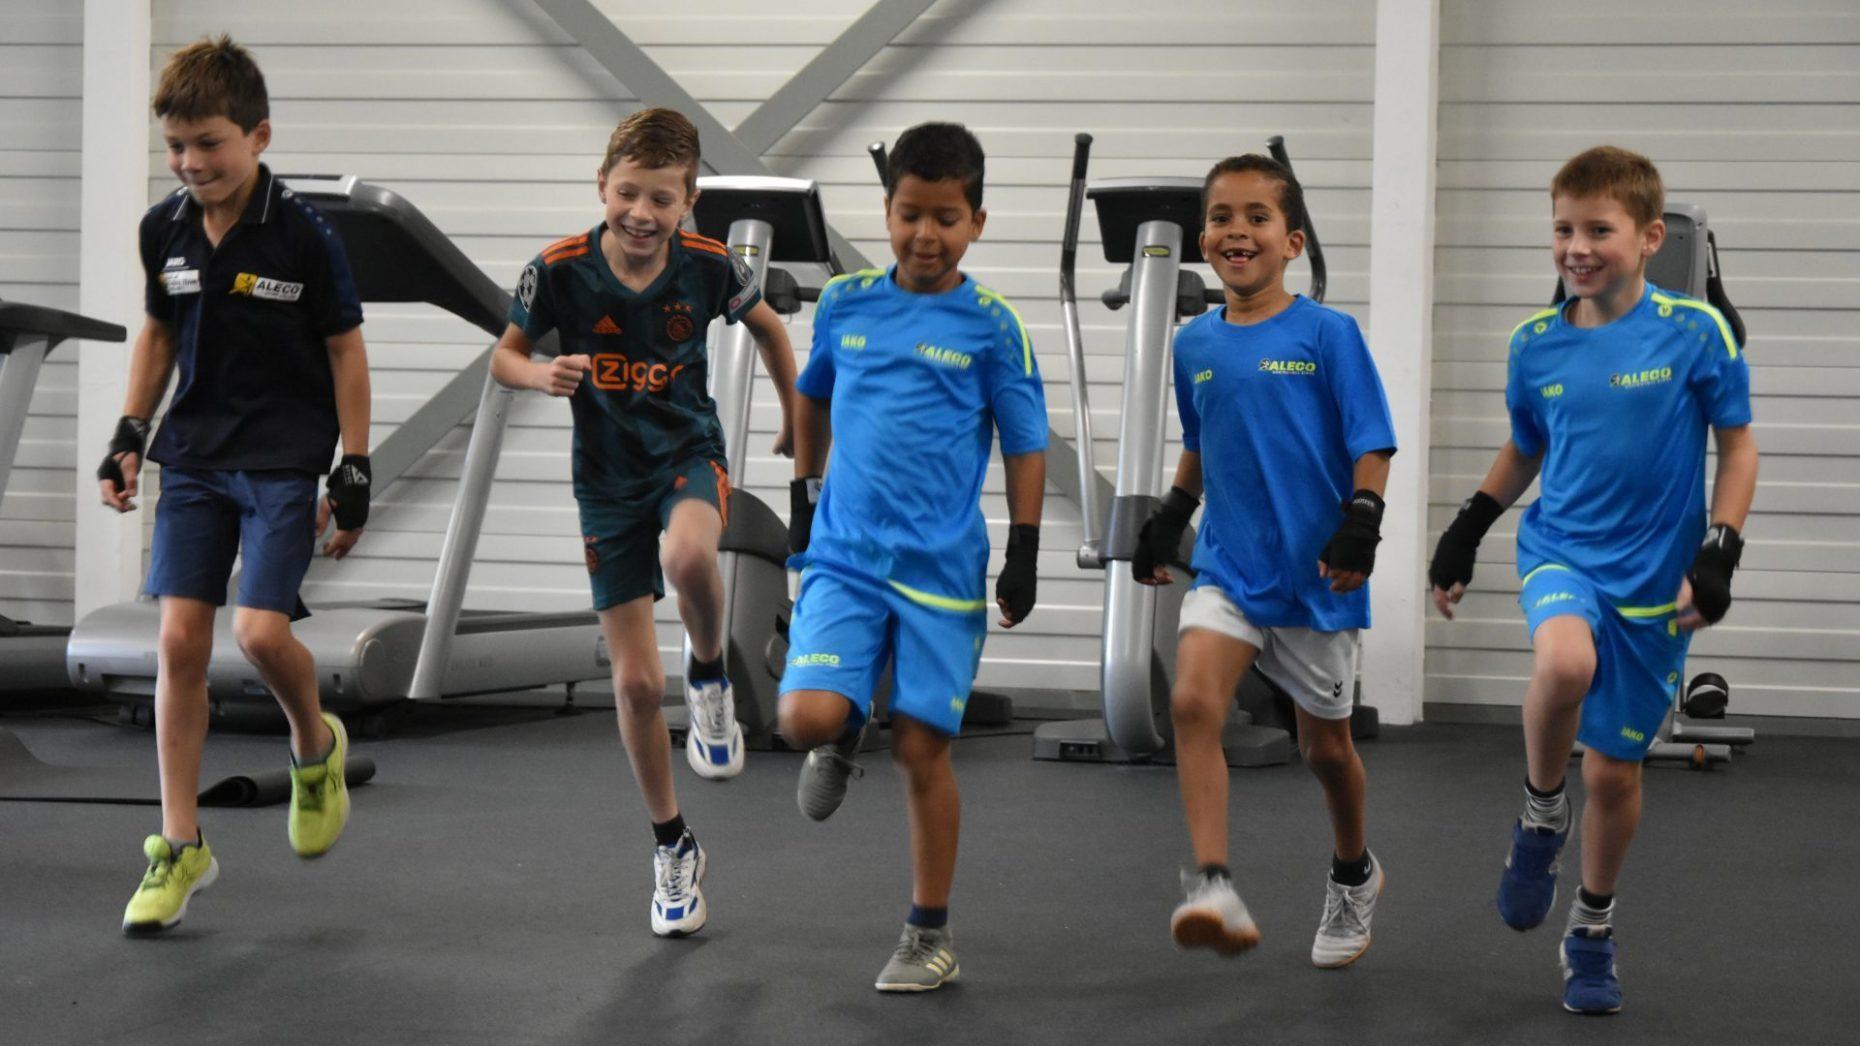 kids-boksen: sociaal-zorgzaam en leuk!